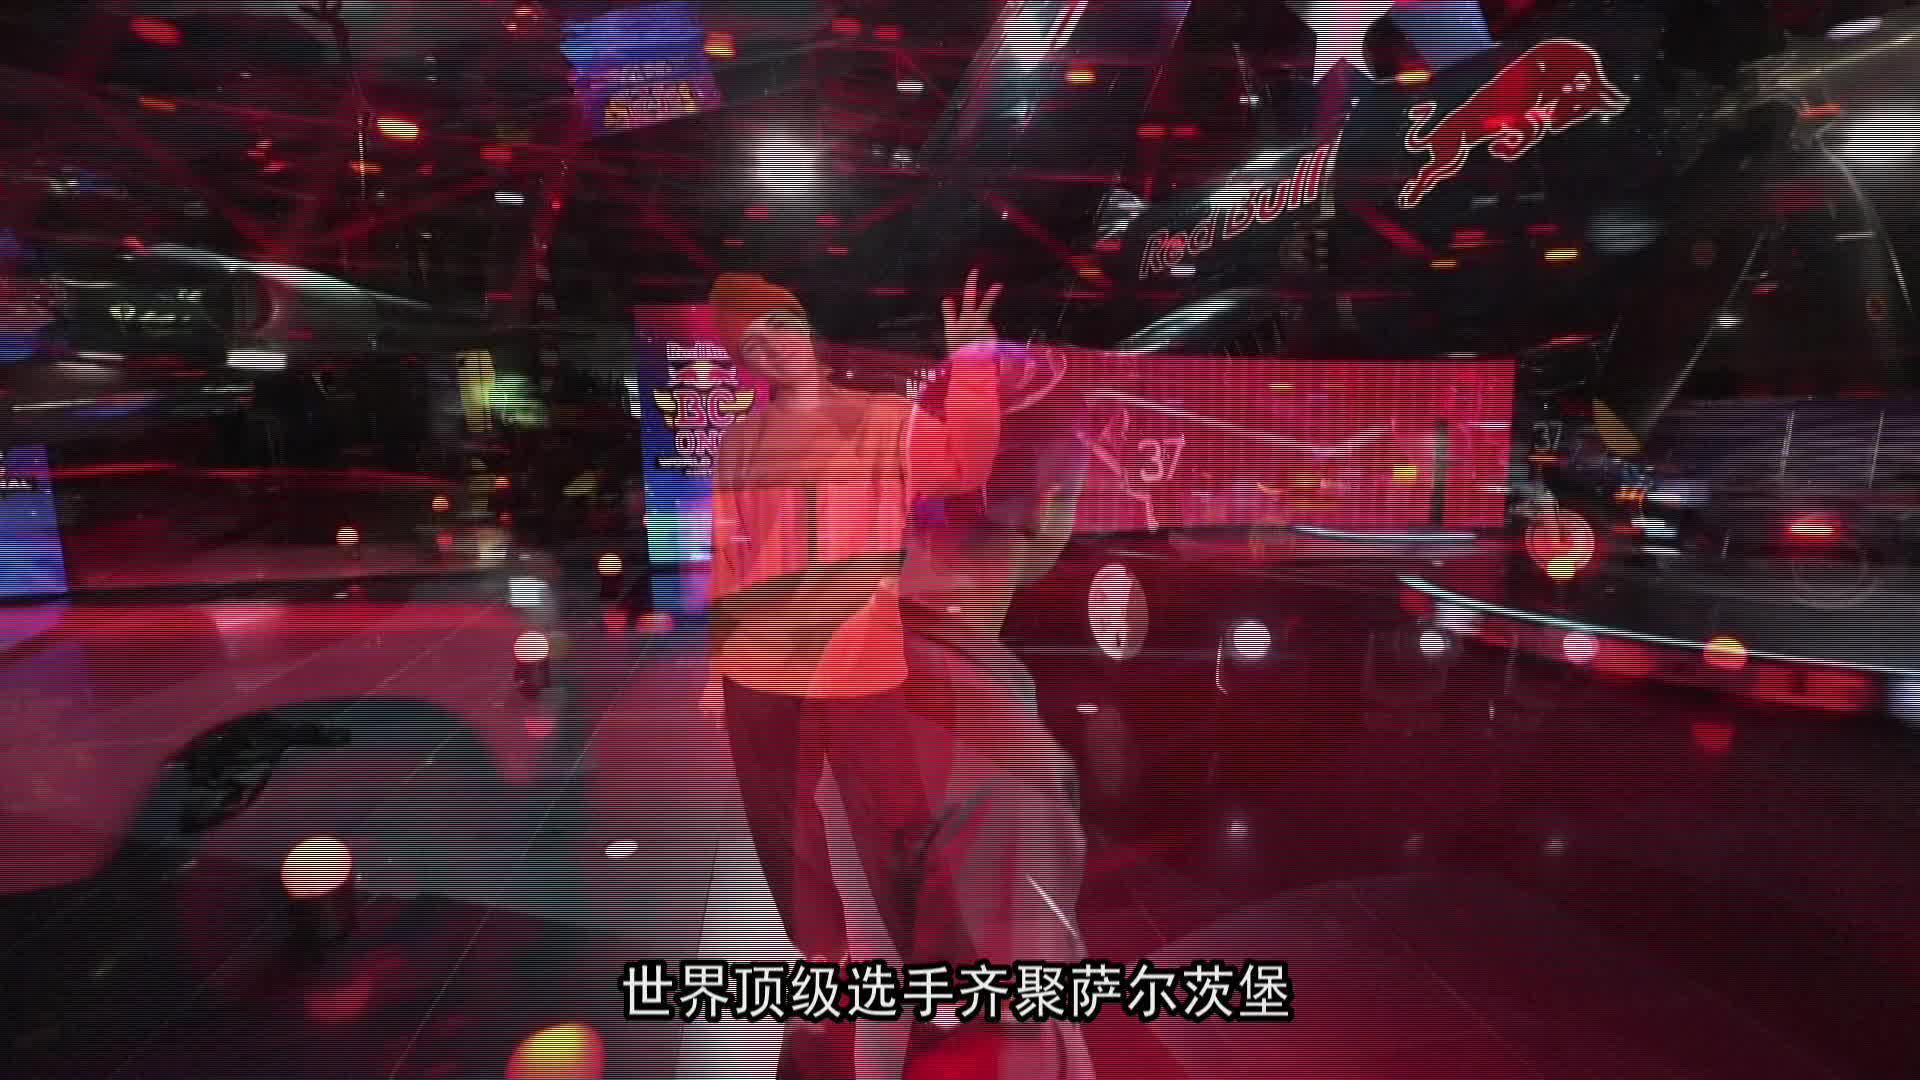 俄罗斯和日本选手摘得世界街舞大赛桂冠